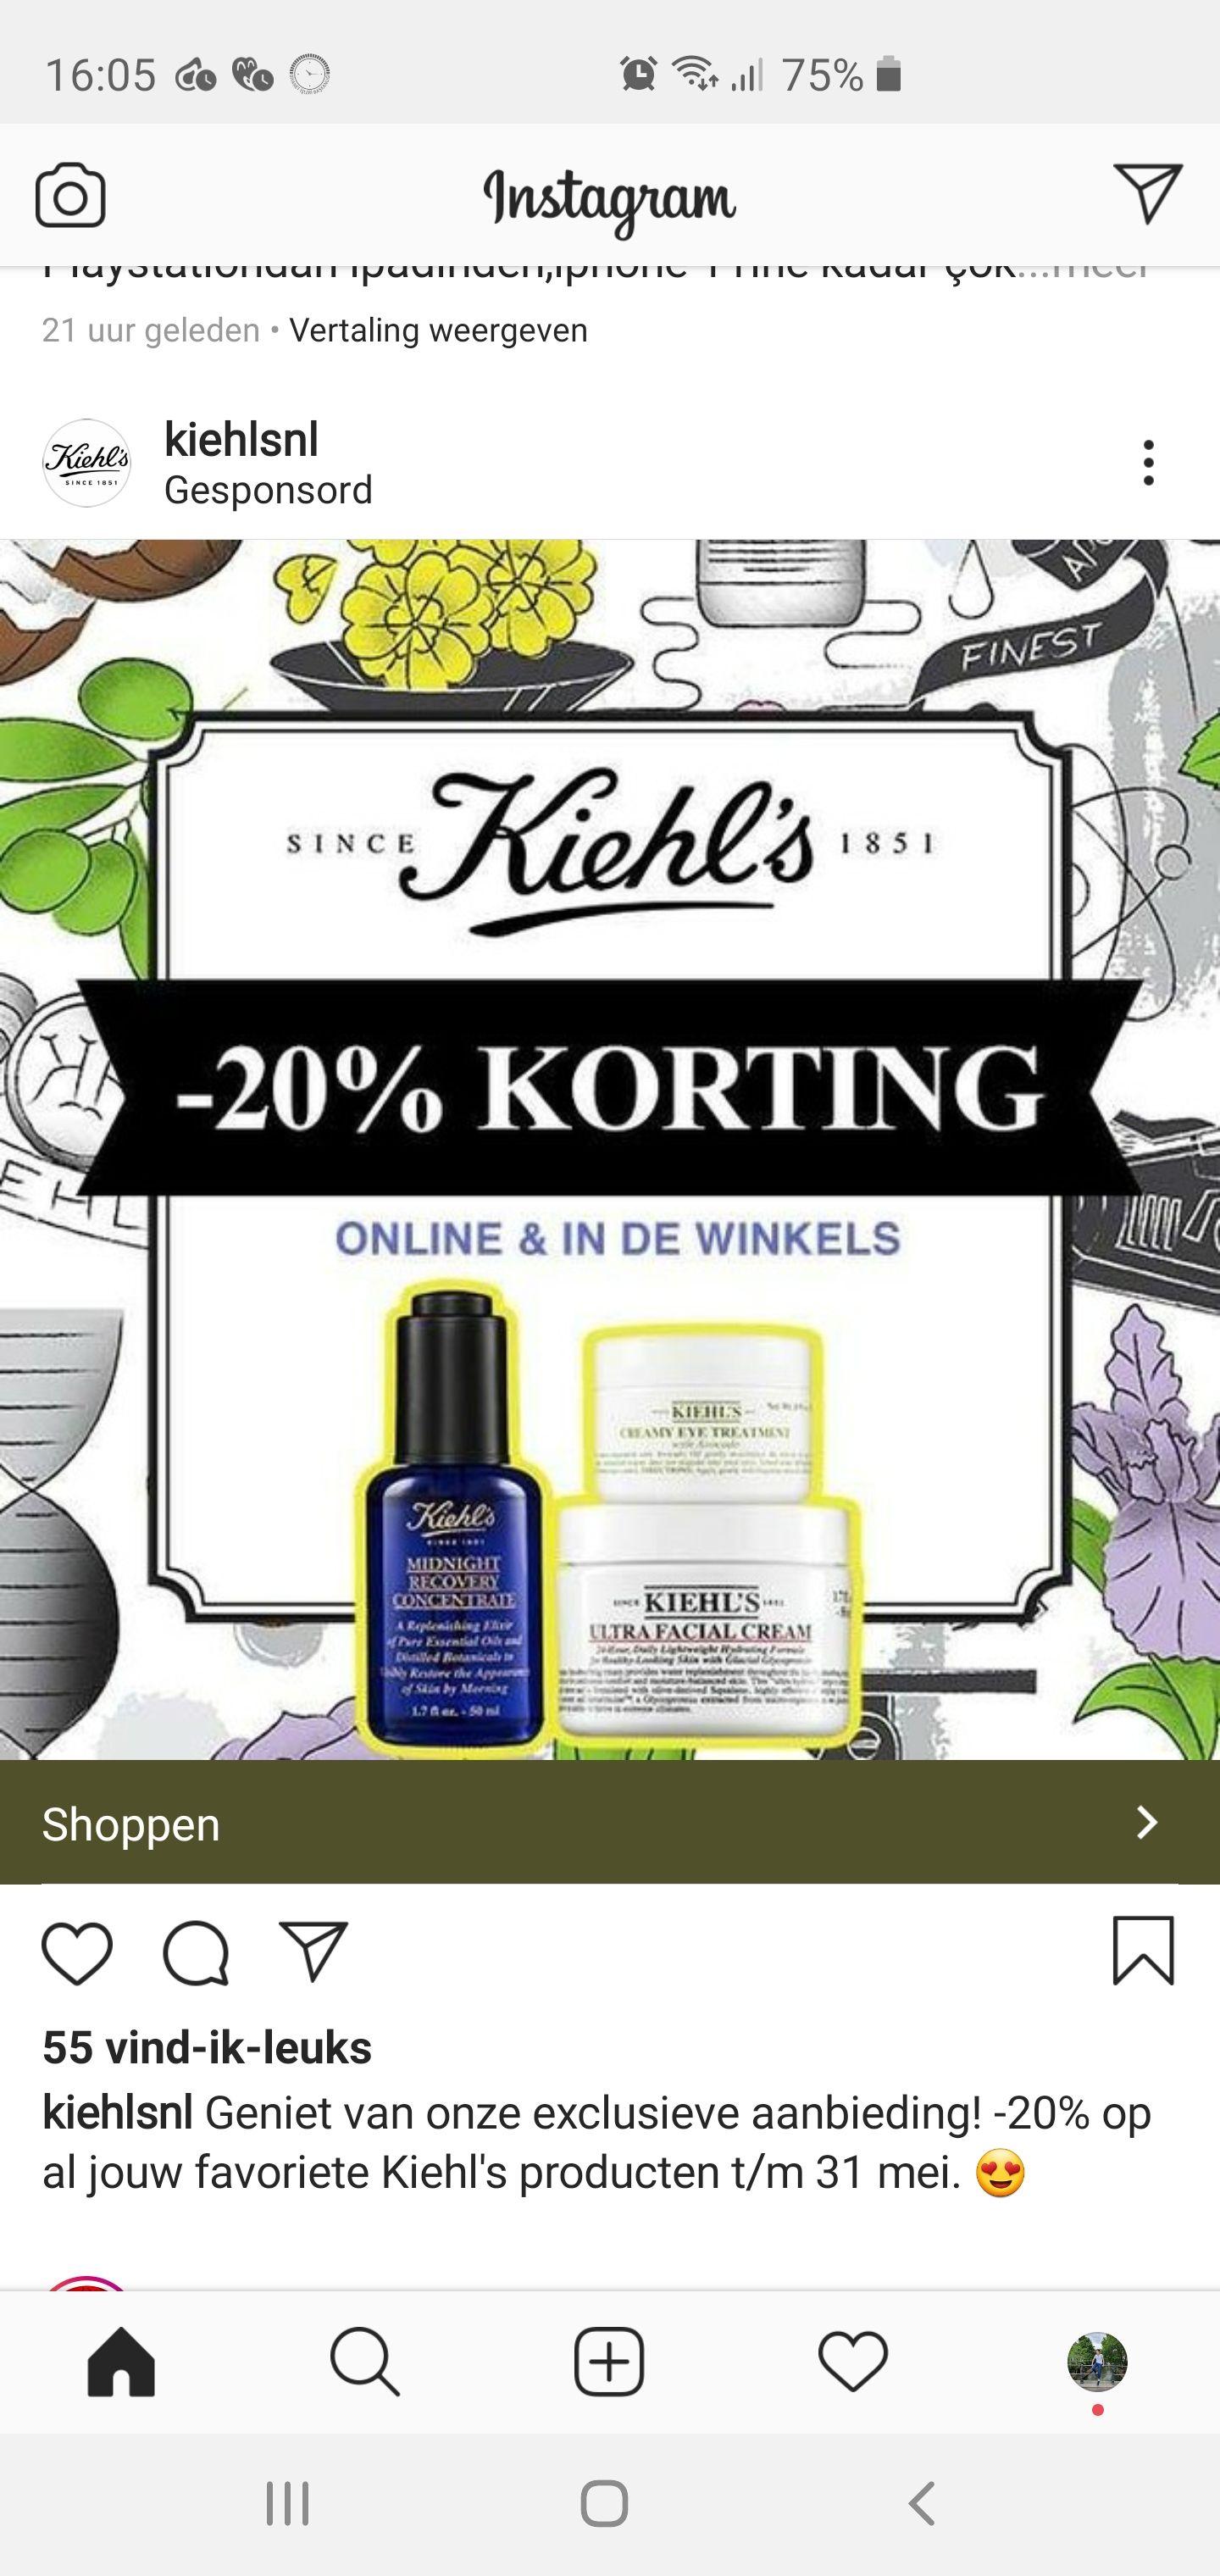 20% Korting op alles @Kiehls.nl